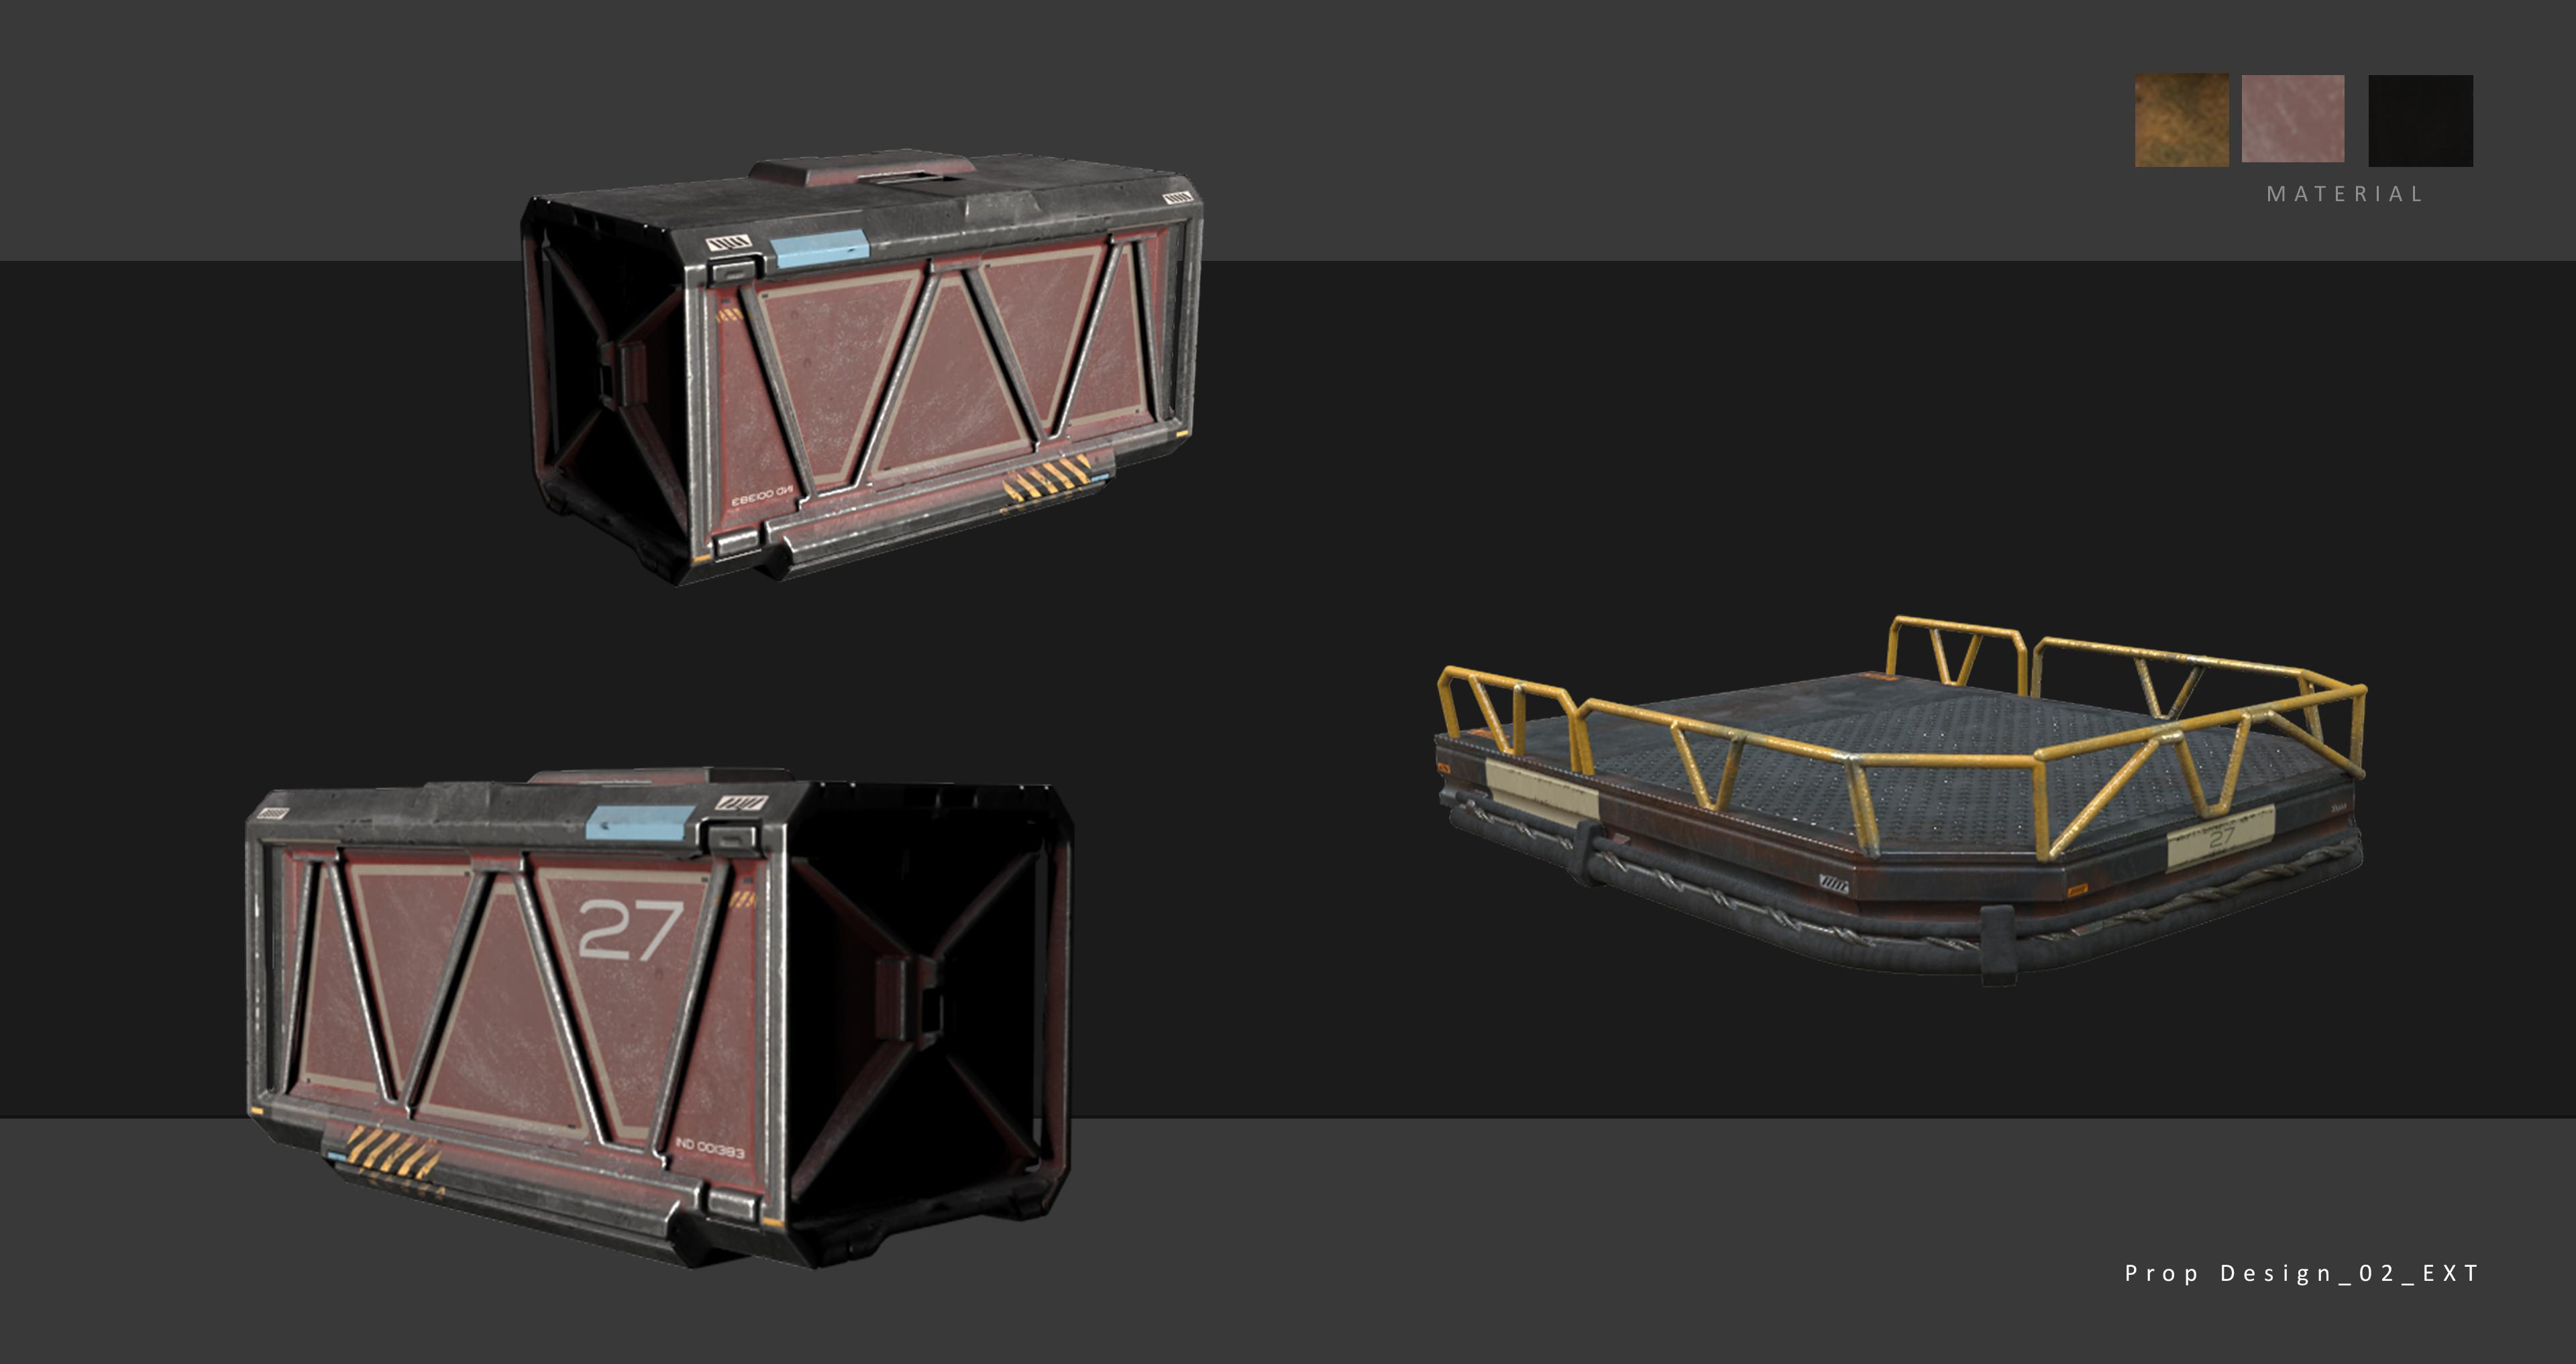 prop Design 02